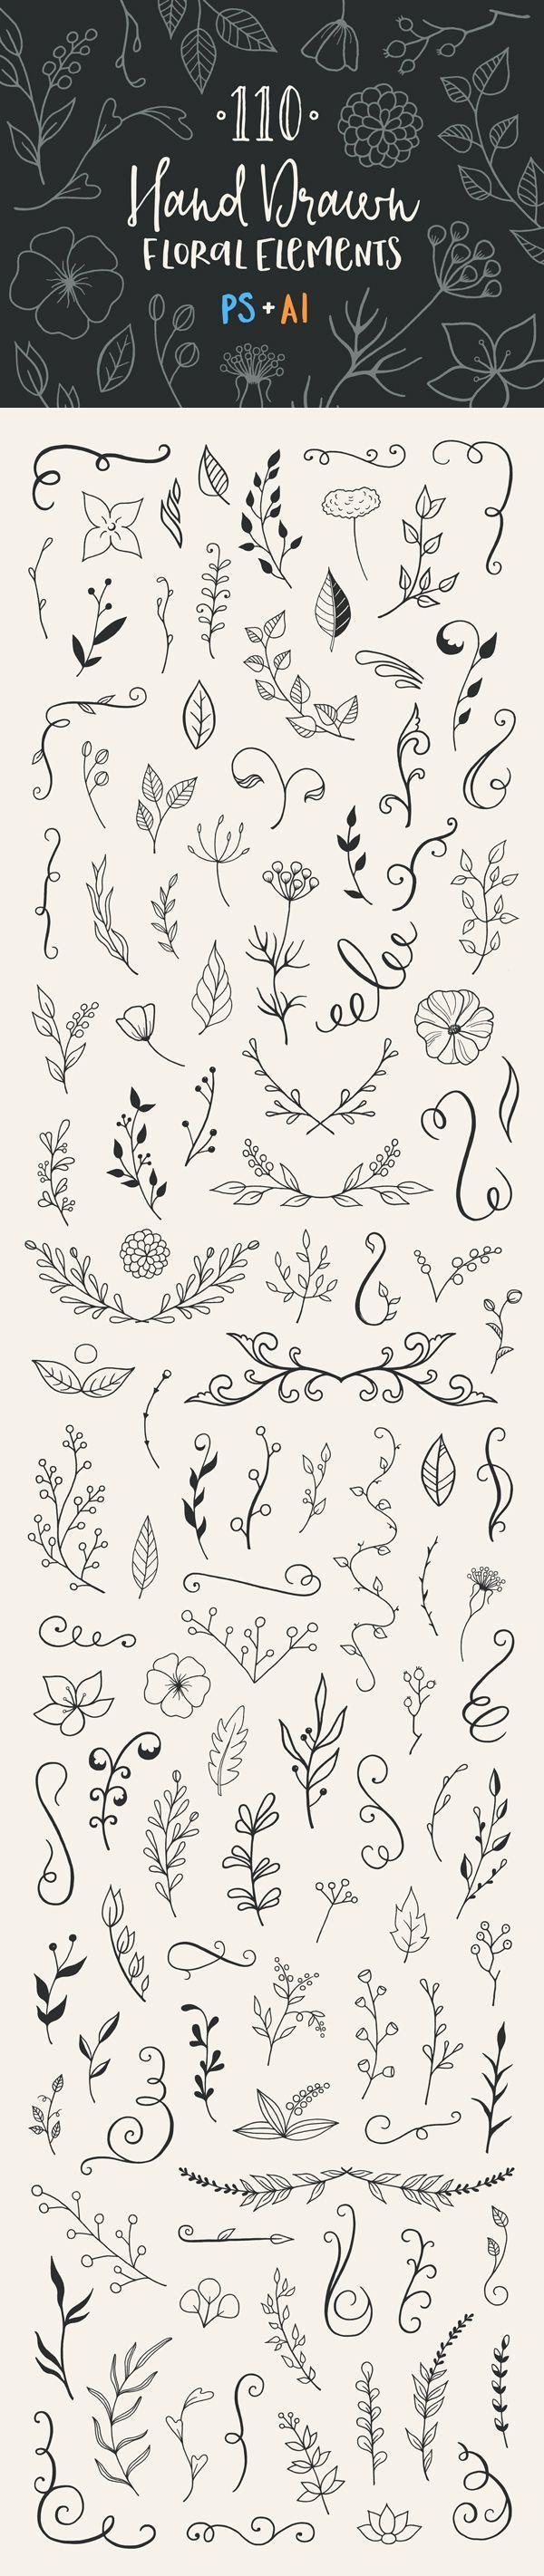 Werbegeschenk-Zusammenfassung! Kostenlose hübsche Dinge für Sie #tattoos #flowertattoos